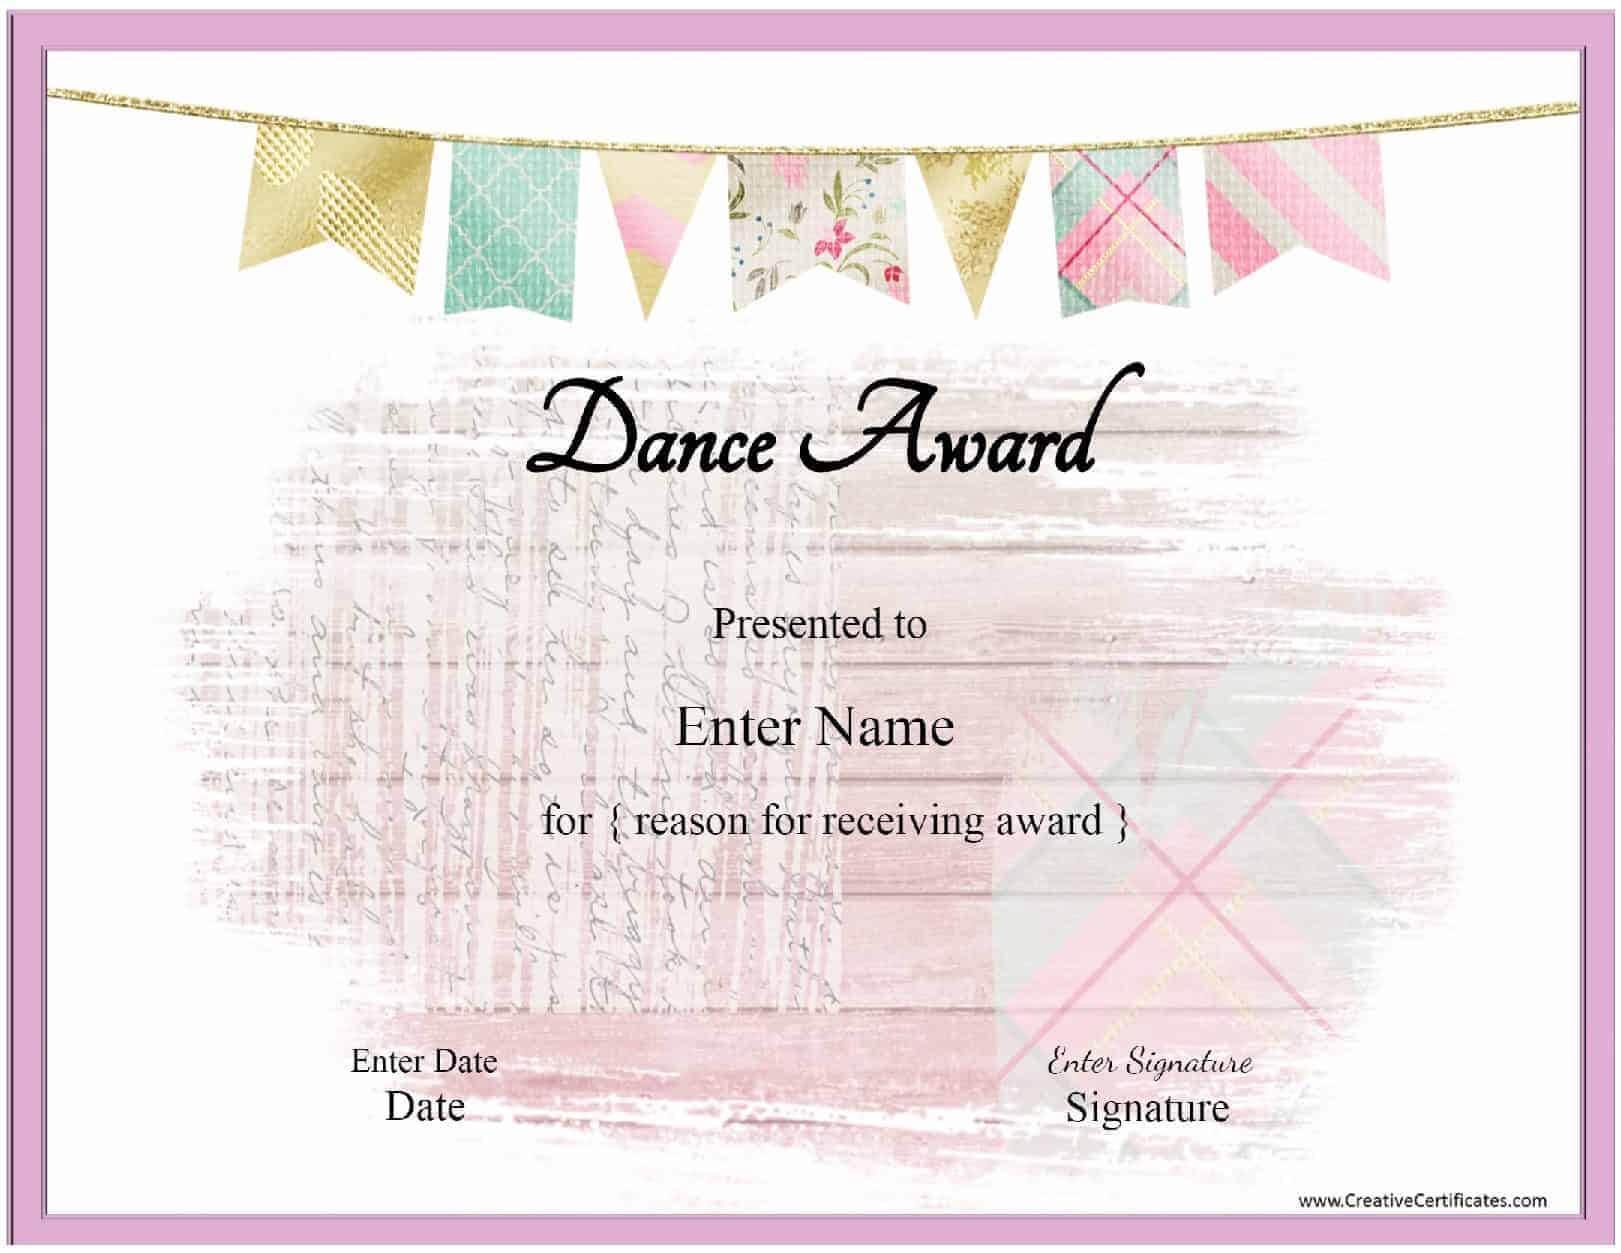 Free Dance Certificate Template - Customizable And Printable With Dance Certificate Template